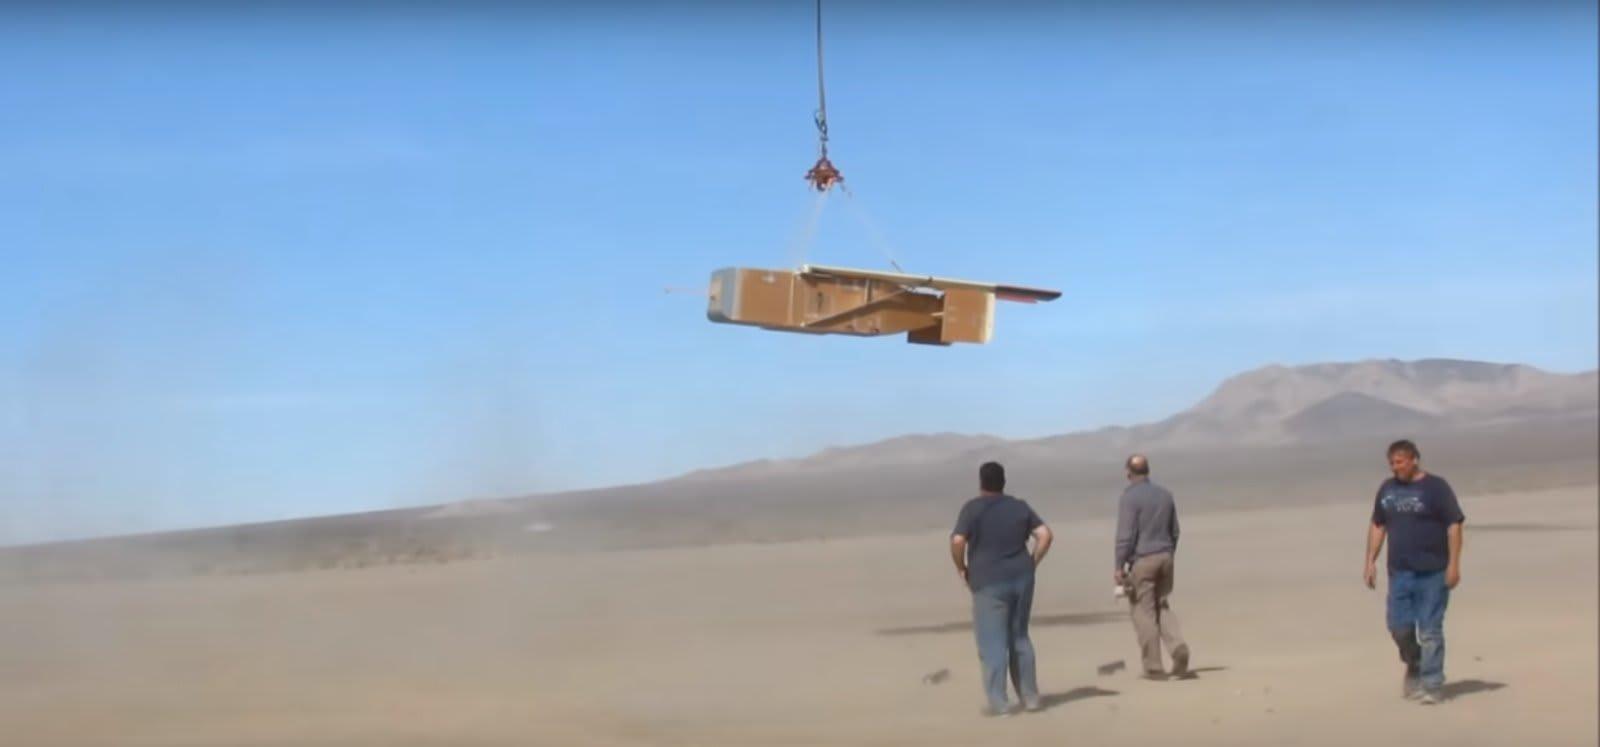 Logistics Gliders, Inc